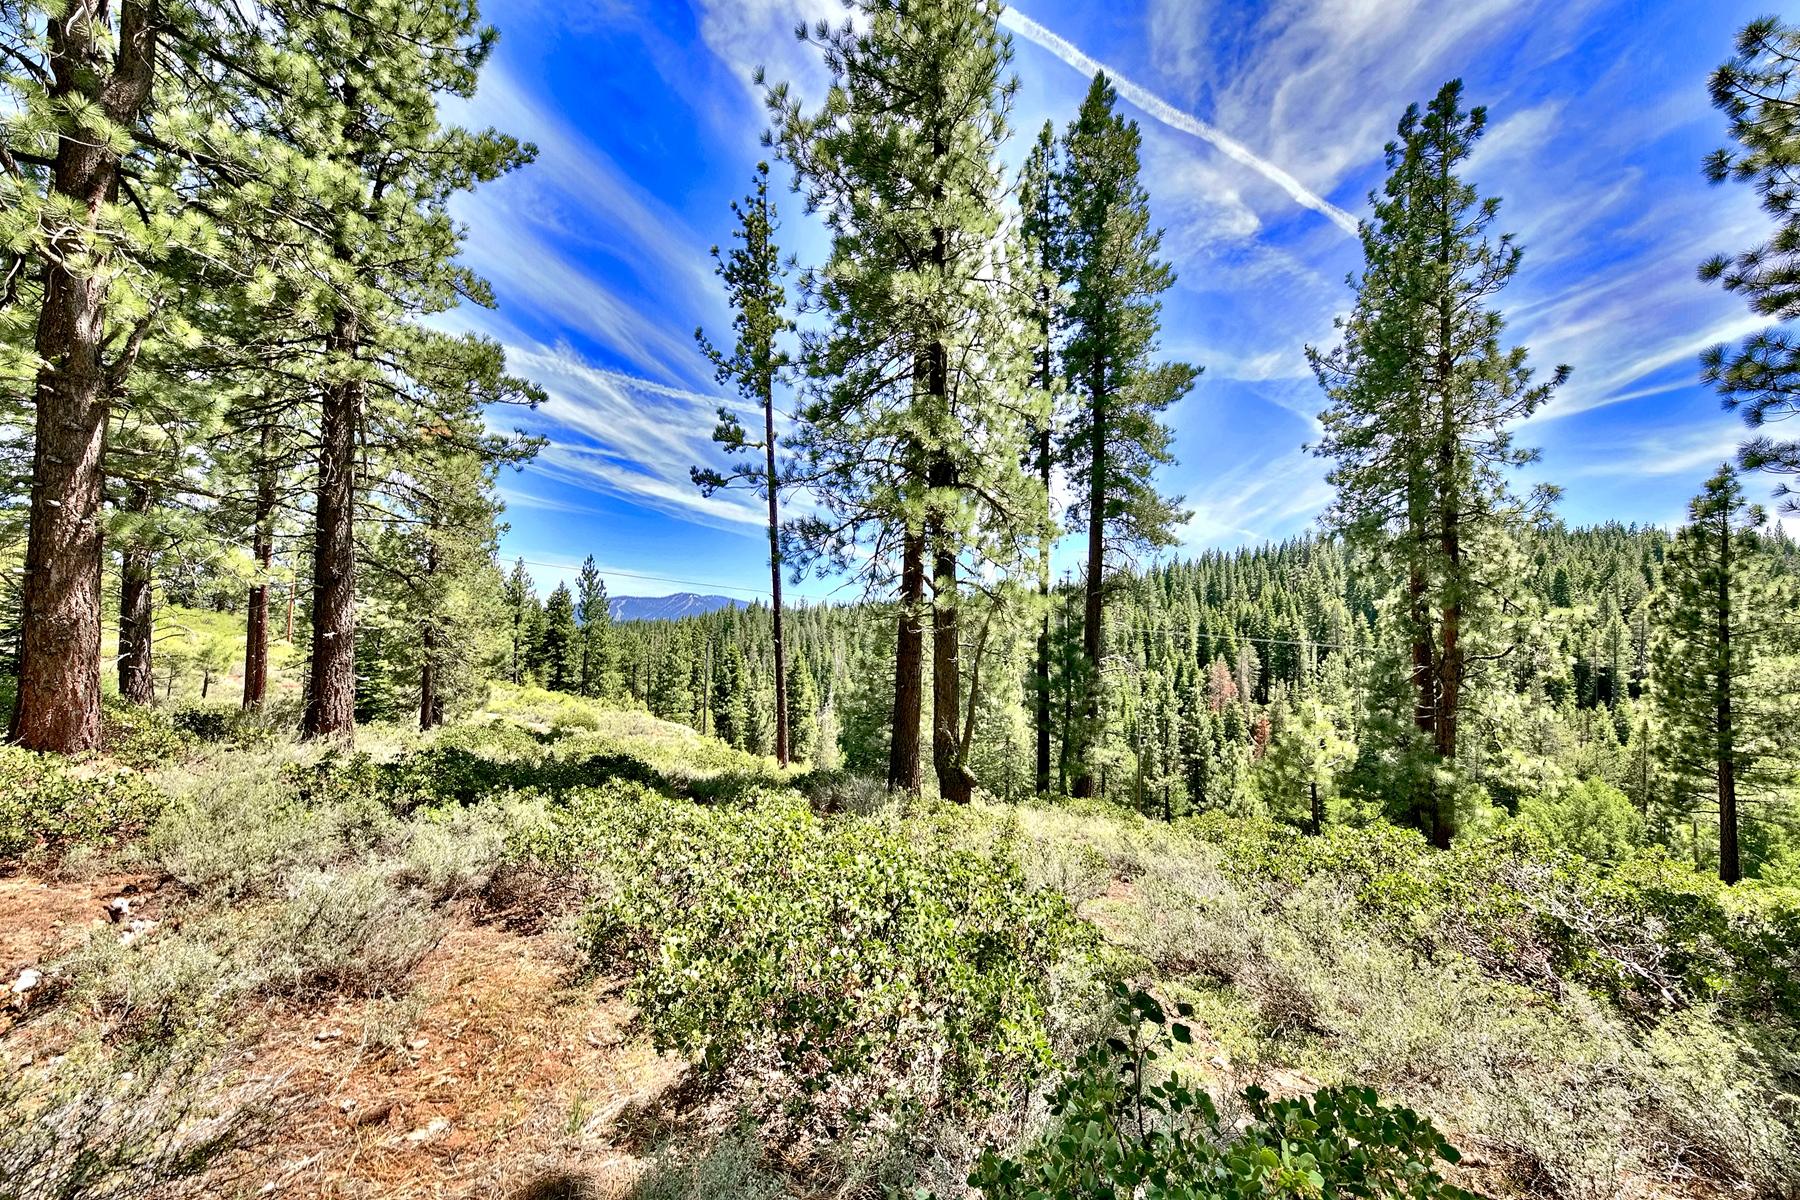 土地,用地 为 销售 在 Unique 8.0 acre 11270 Trails End 特拉基, 加利福尼亚州 96161 美国